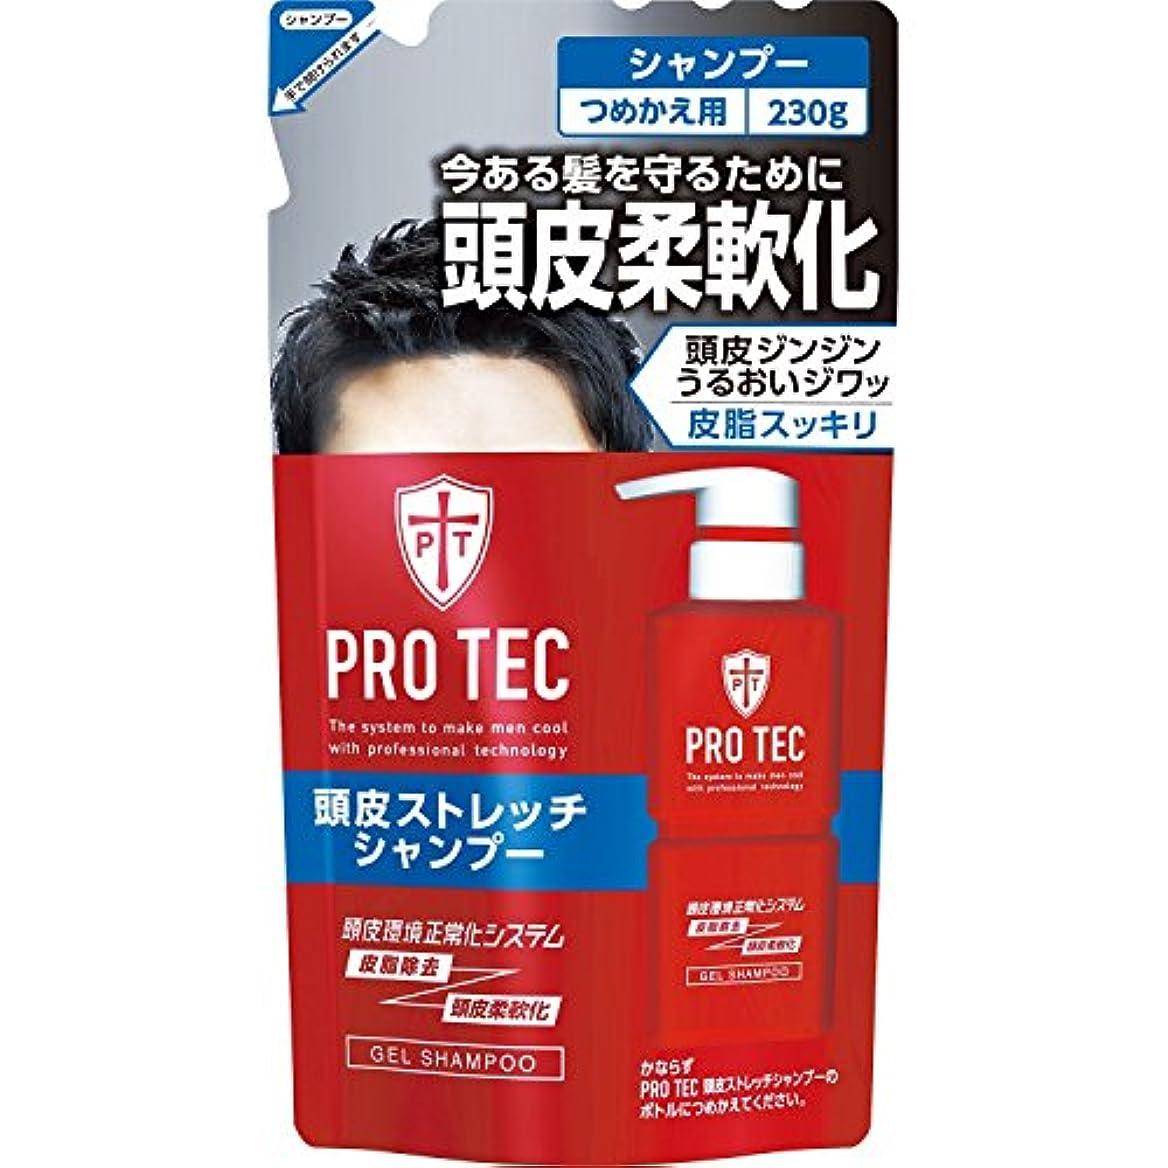 醜い医学ジーンズPRO TEC(プロテク) 頭皮ストレッチ シャンプー 詰め替え 230g(医薬部外品)